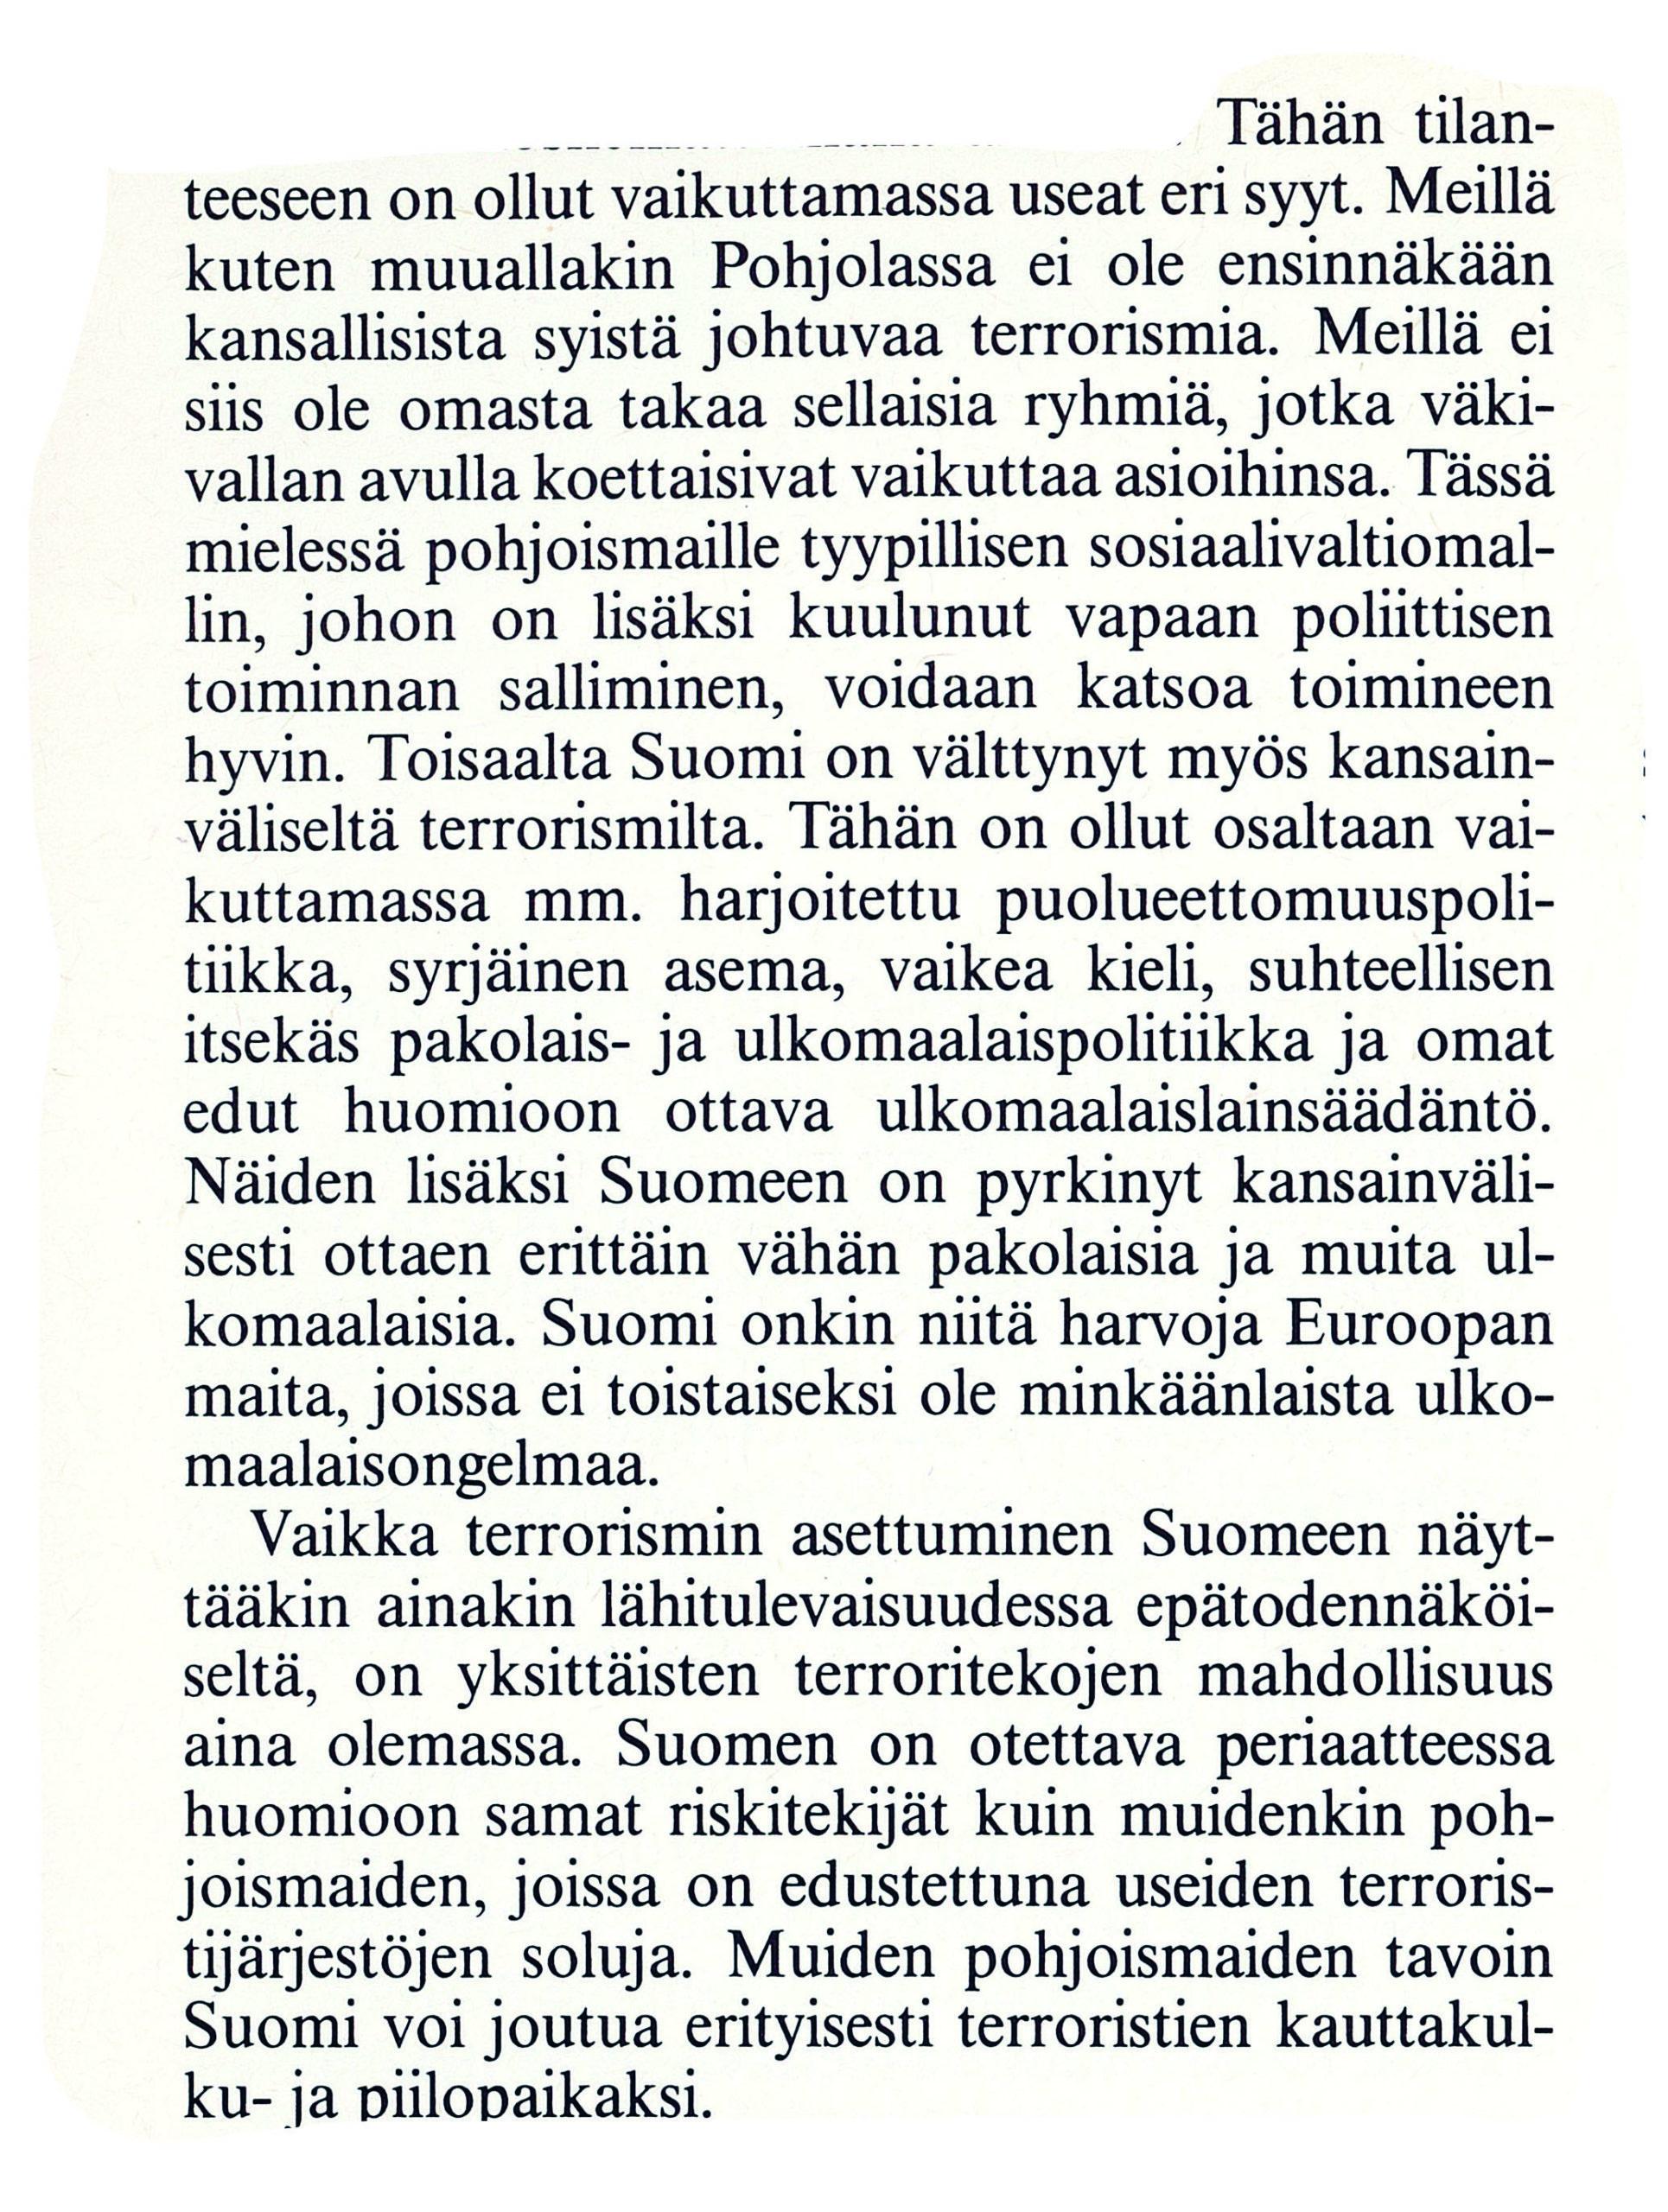 Ulkopolitiikka 2/1990, Matti Saarelainen & Petri Knape